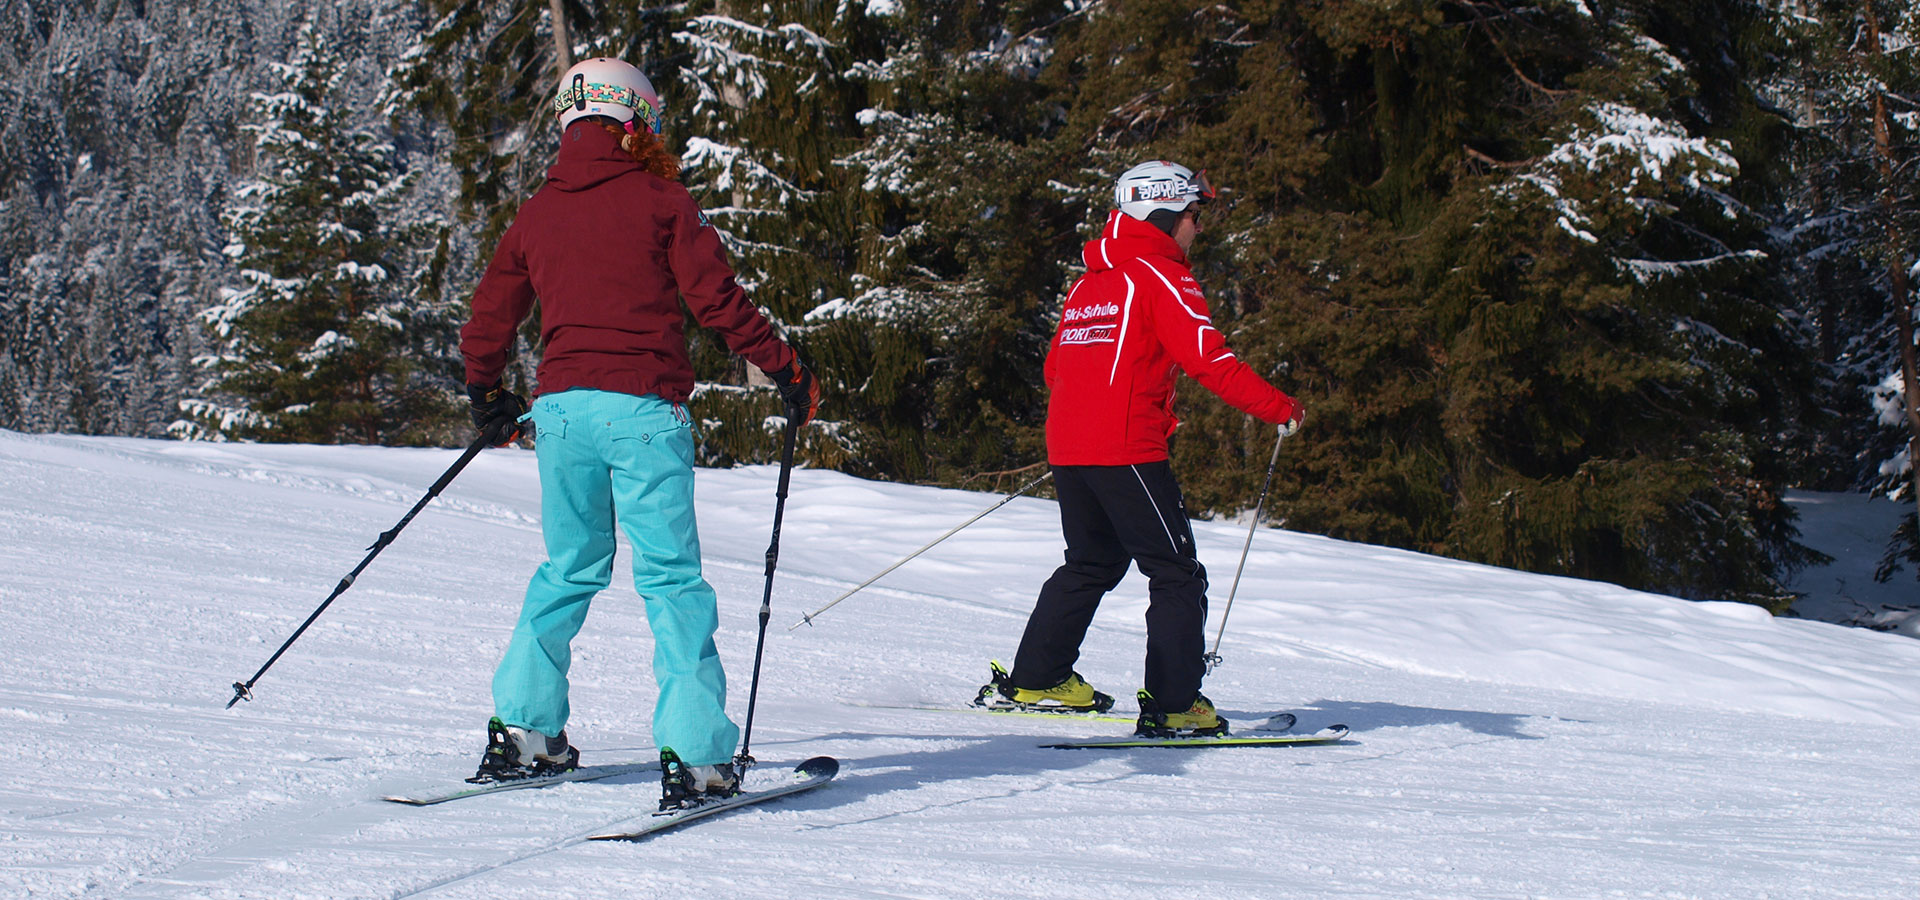 Skischule für Erwachsene in Tirol